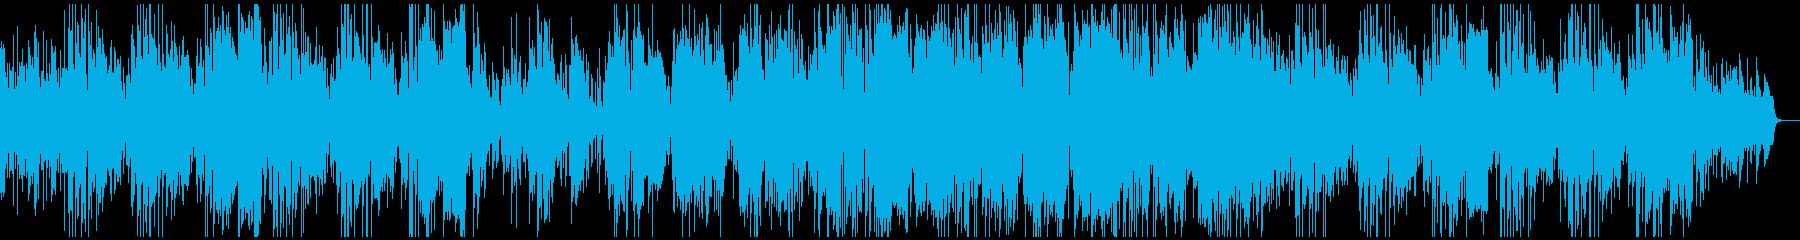 悪役登場シーンのマイナーブルースジャズの再生済みの波形